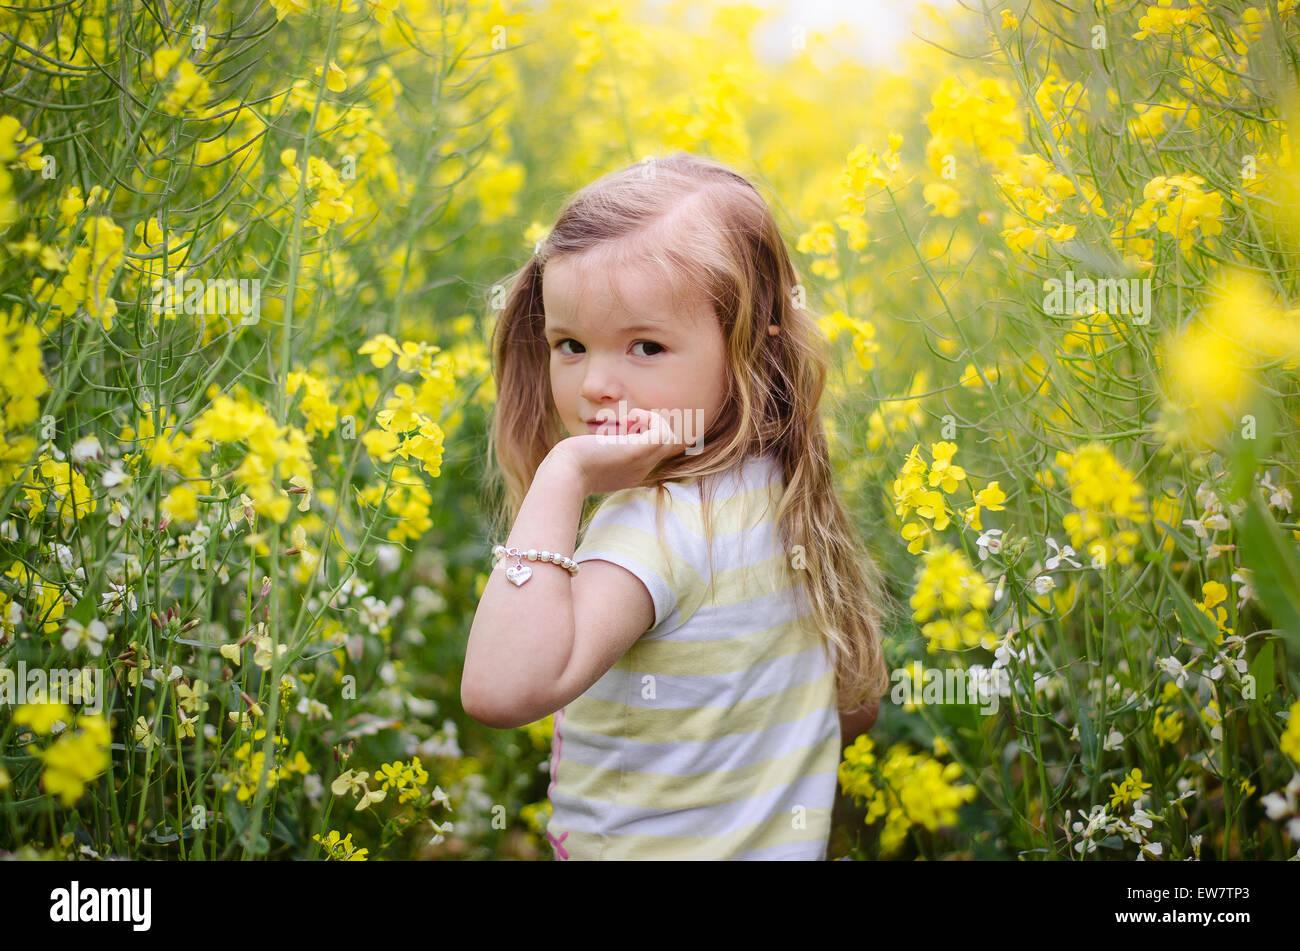 Mädchen auf der Suche über die Schulter auf einer Wiese mit gelben Blumen Stockbild